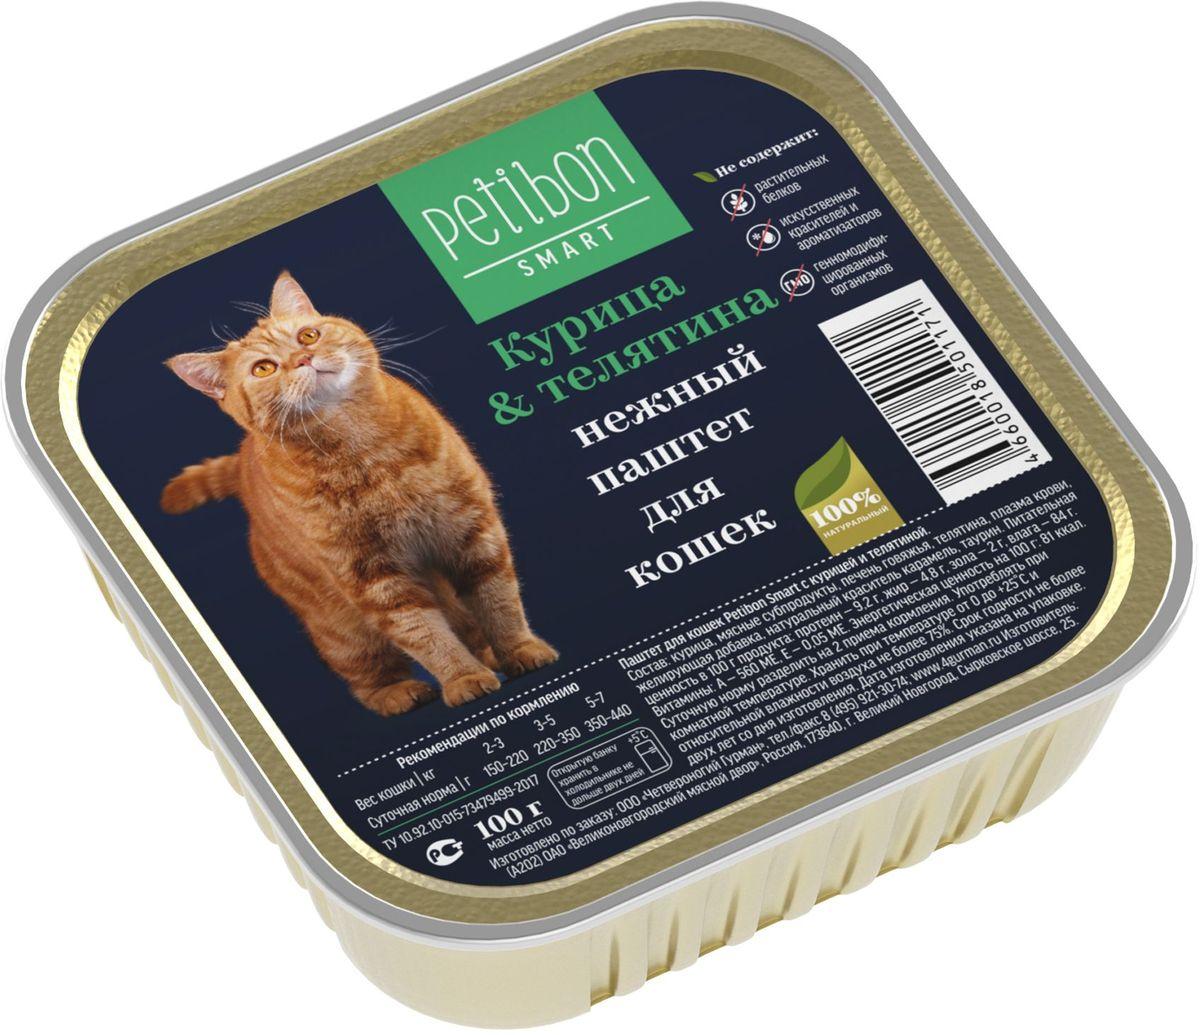 Корм консервированный для собак Petibon Smart Рубленое мясо, с курицей и уткой, 410 г317146002Курица, мясные субпродукты, утка, плазма крови, желирующая добавка, клетчатка. Протеин — 8,2 г, жир — 8,3 г, клетчатка — 0,5 г, зола — 2 г, влага — 81 г. А — 330 МЕ, Е — 0,12 МЕ.